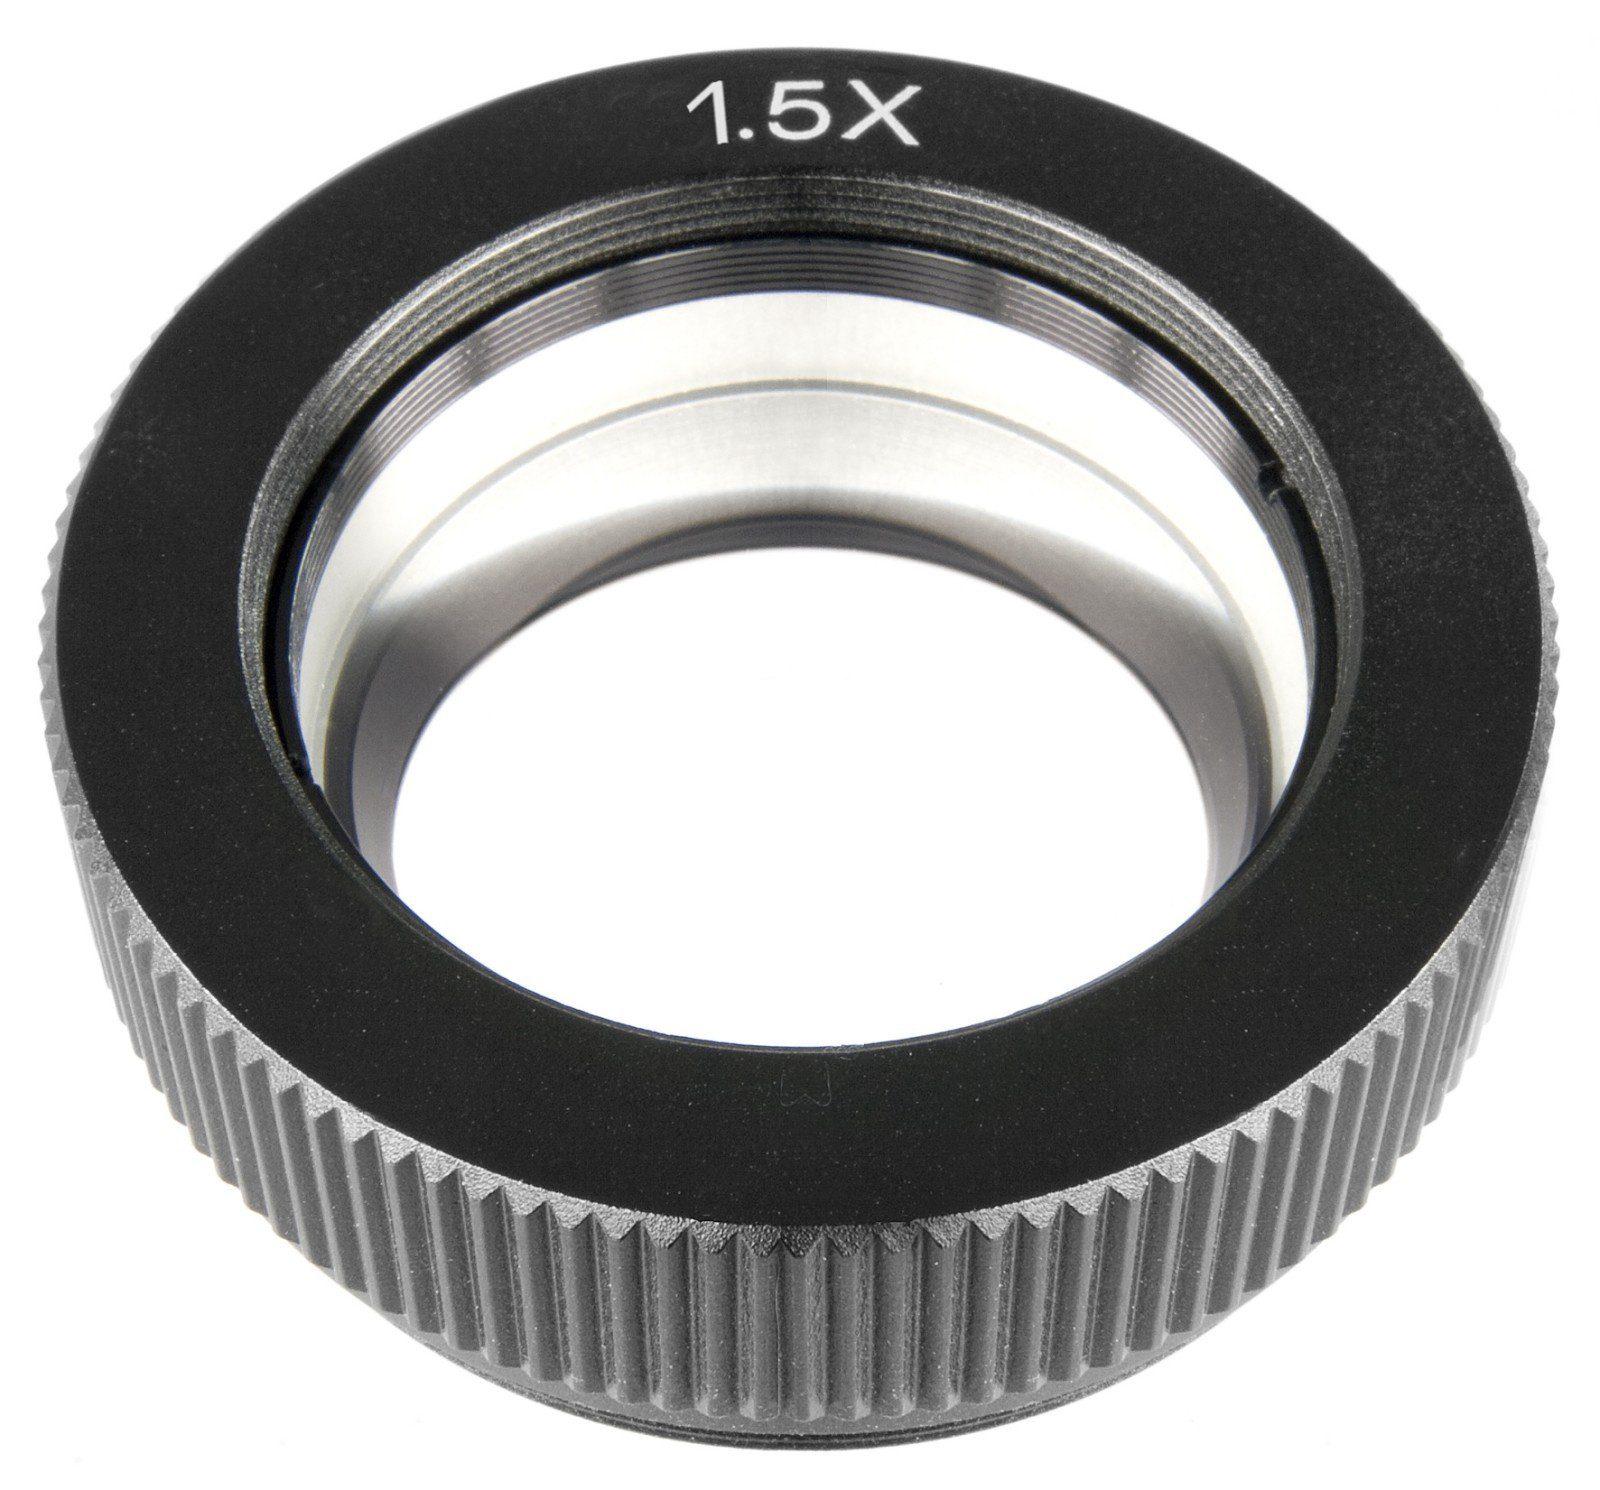 Bresser Mikroskop »Zusatzobjektiv 1.5x«